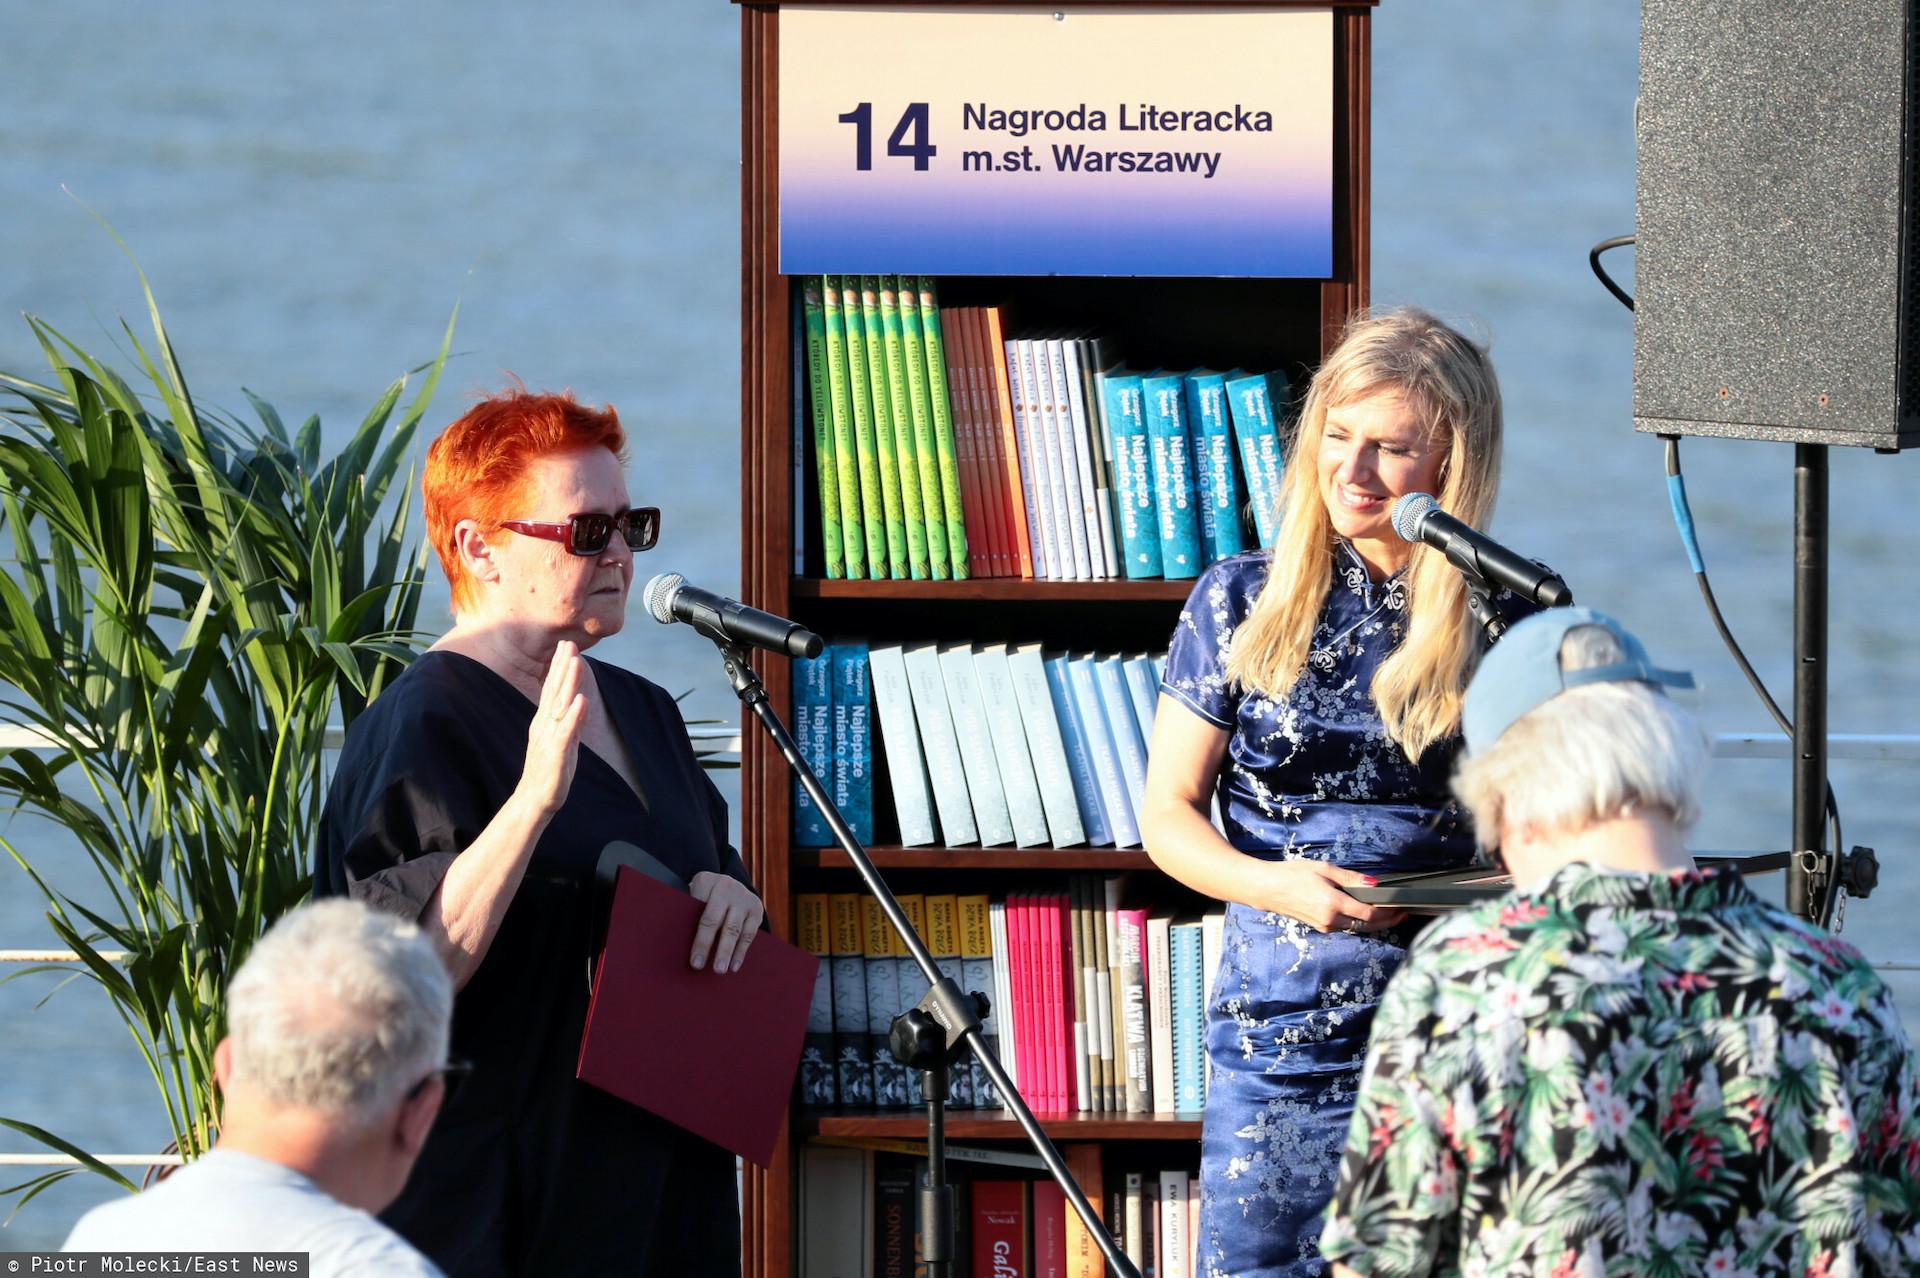 Wszyscy miłośnicy literatury mogą wziąć udział w czytaniu fragmentów dzieł zgłoszonych w ramach 14. Nagrody Literackiej m.st. Warszawy